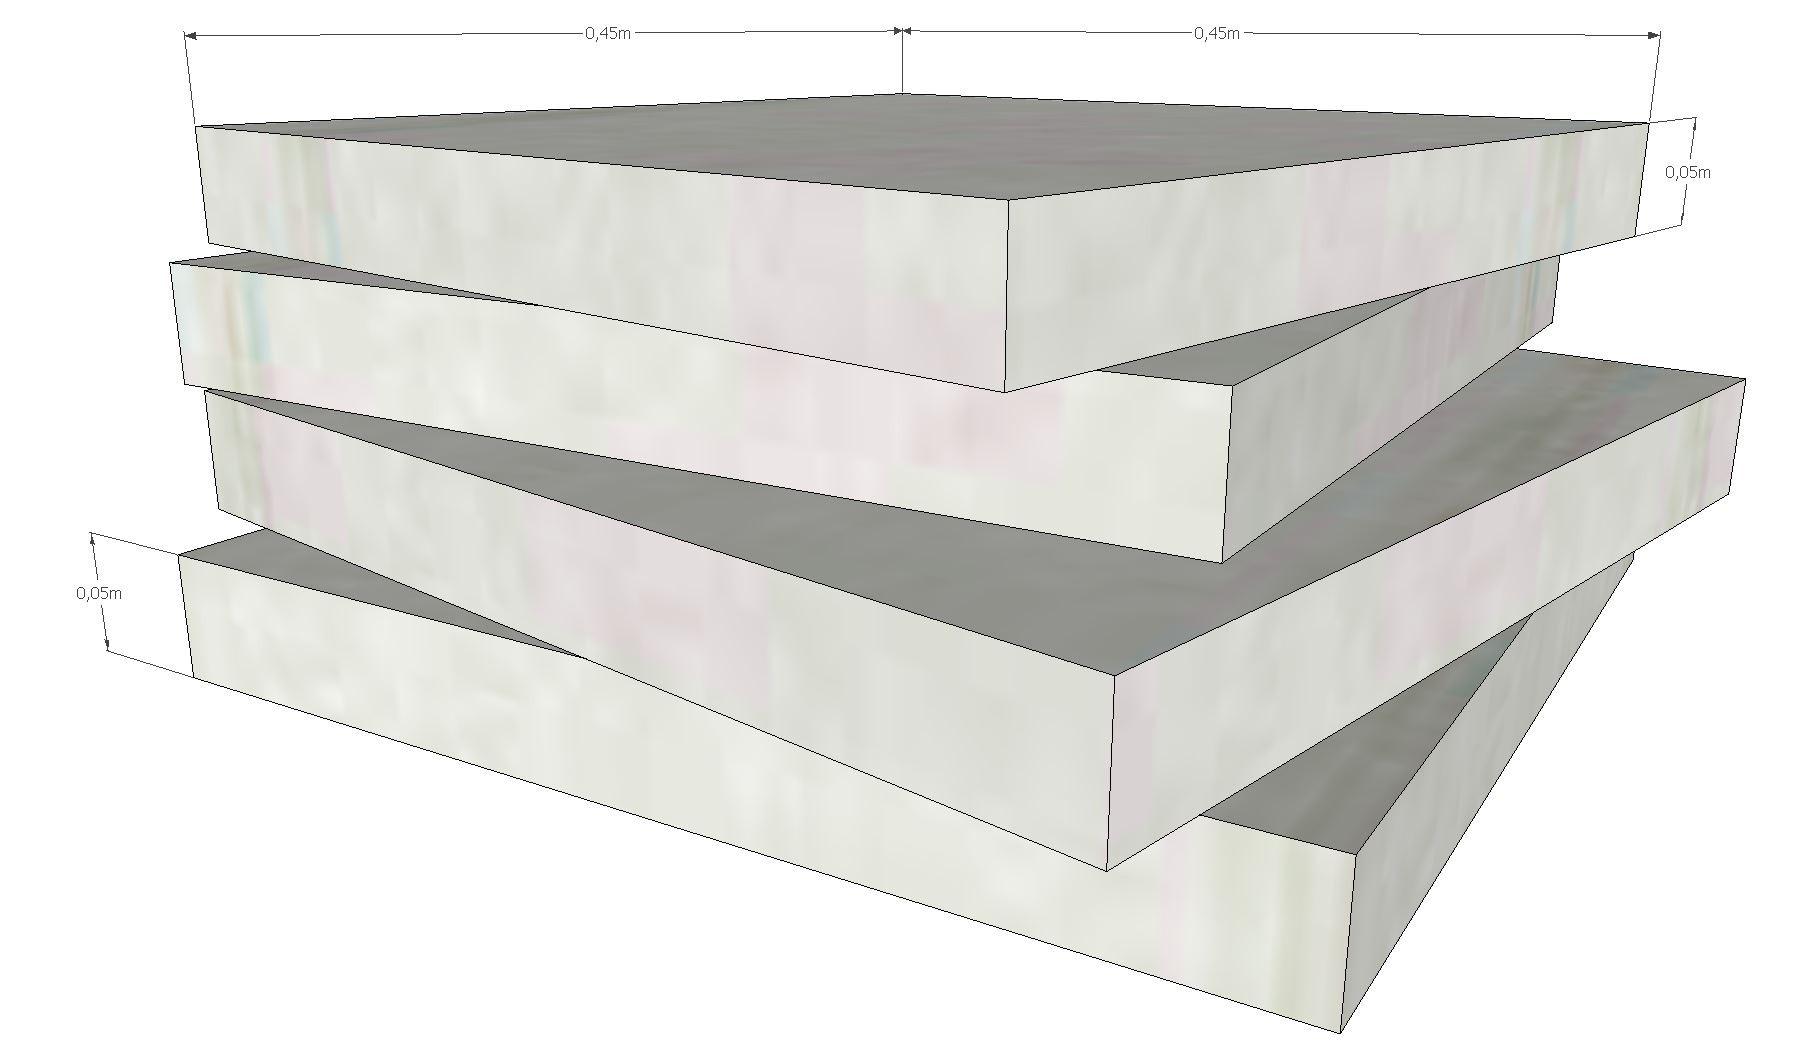 schaumstoff polster set 4 teile 45x45x5cm sehr feste qualit t. Black Bedroom Furniture Sets. Home Design Ideas